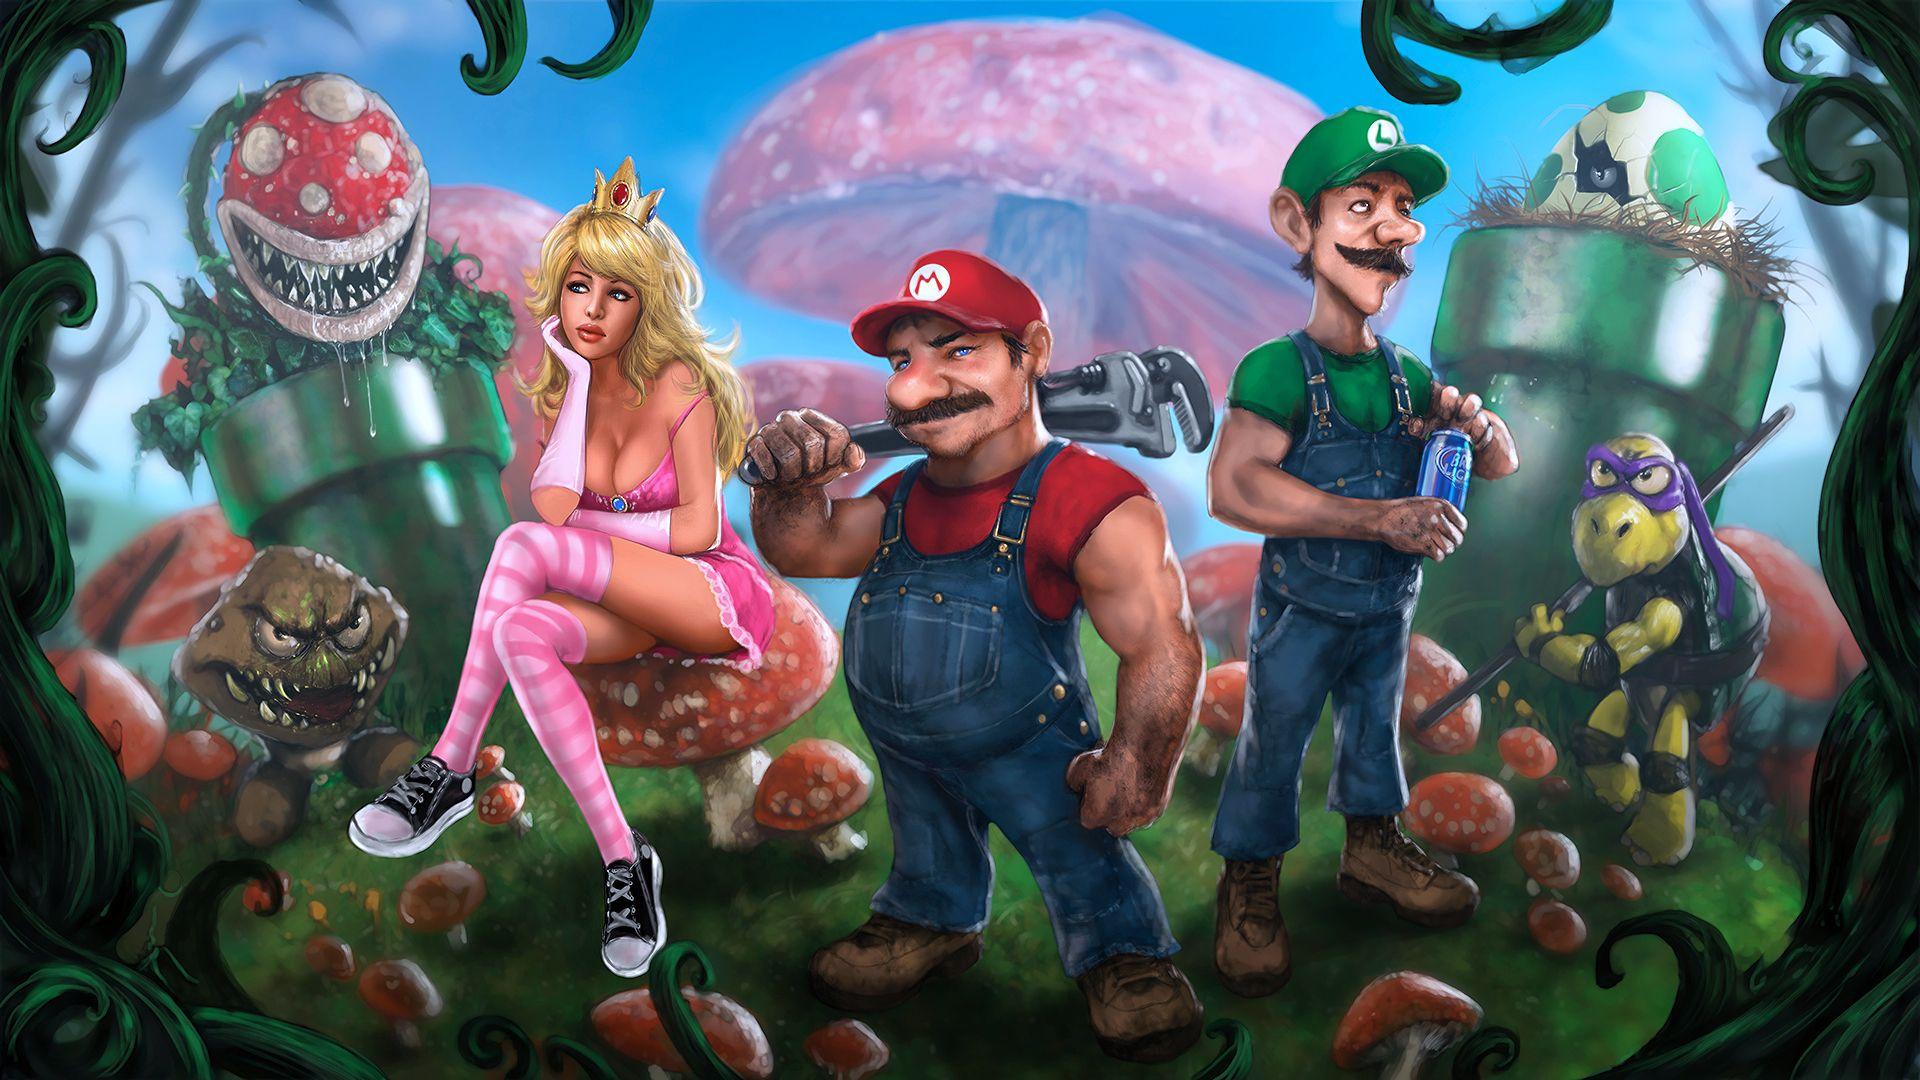 Смешные картинки онлайн игр